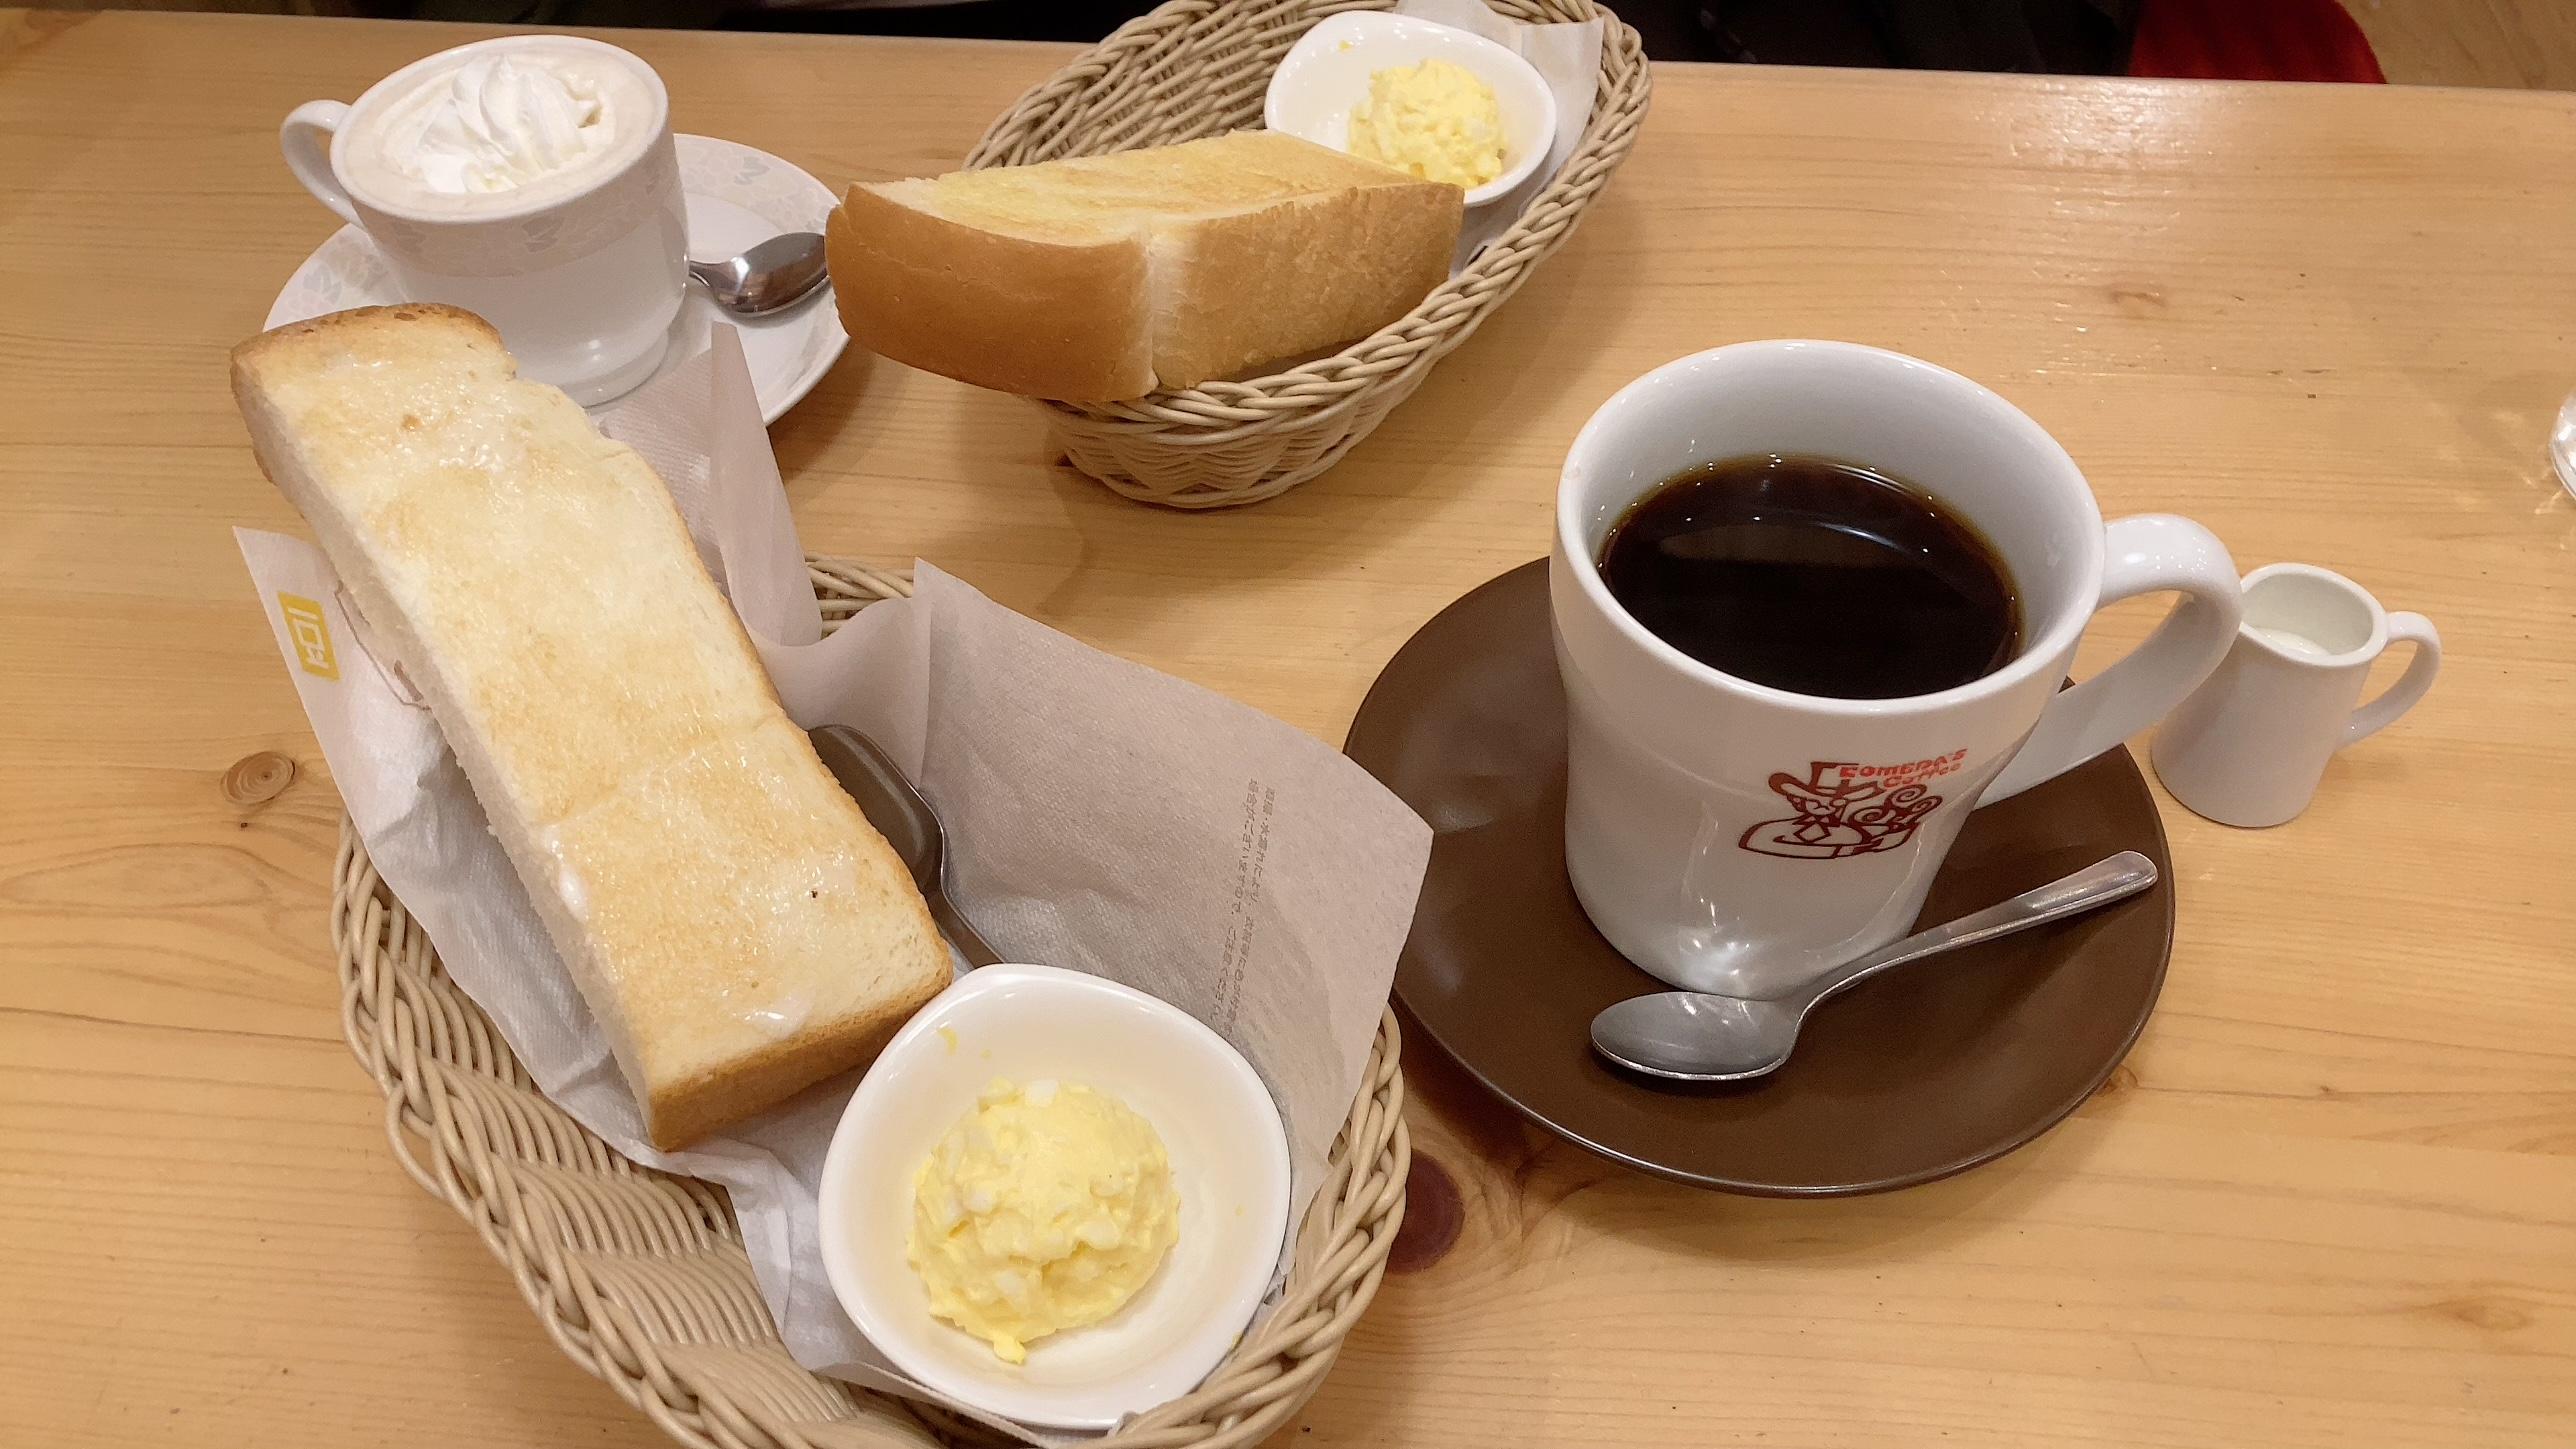 朝コメダはふわふわトーストが無料でついてくる_1